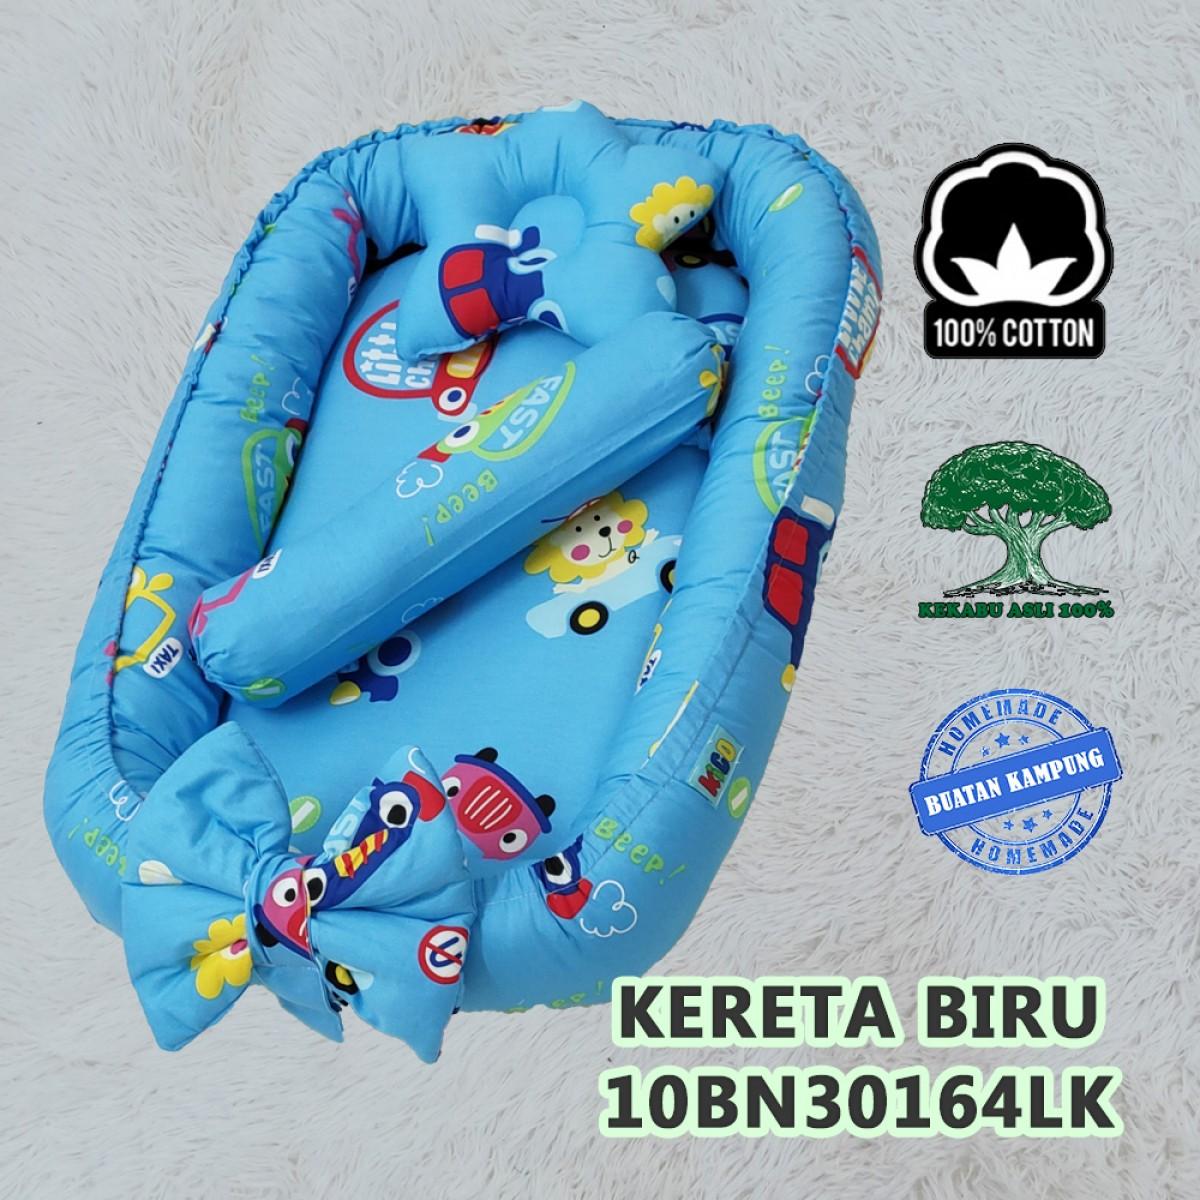 Kereta Biru - Kico Baby Center